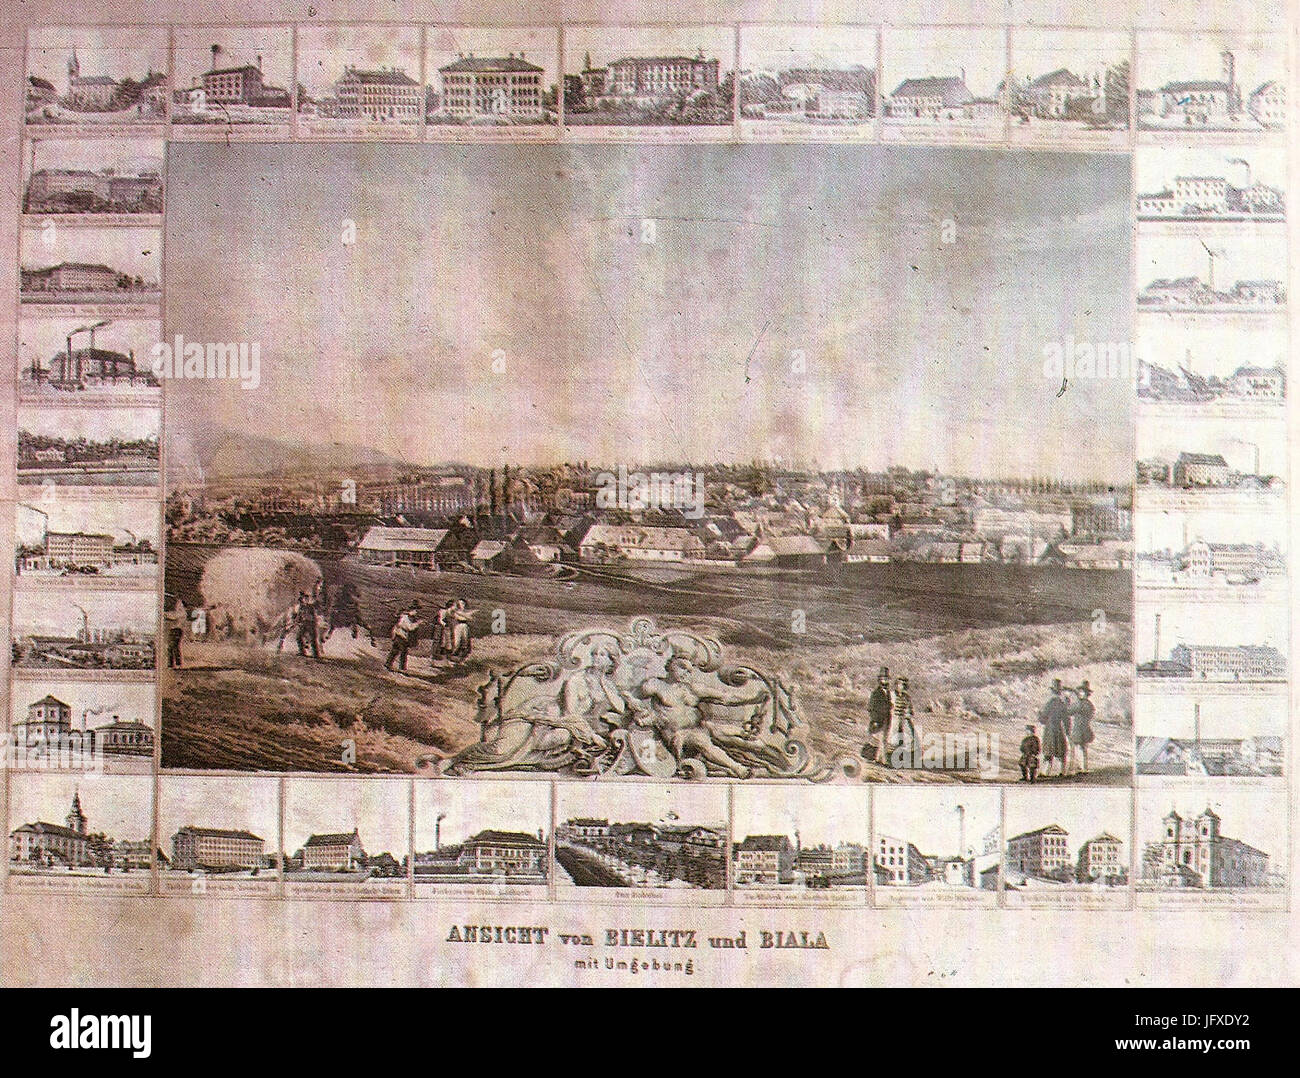 Bielsko-Biała 1871 - Stock Image